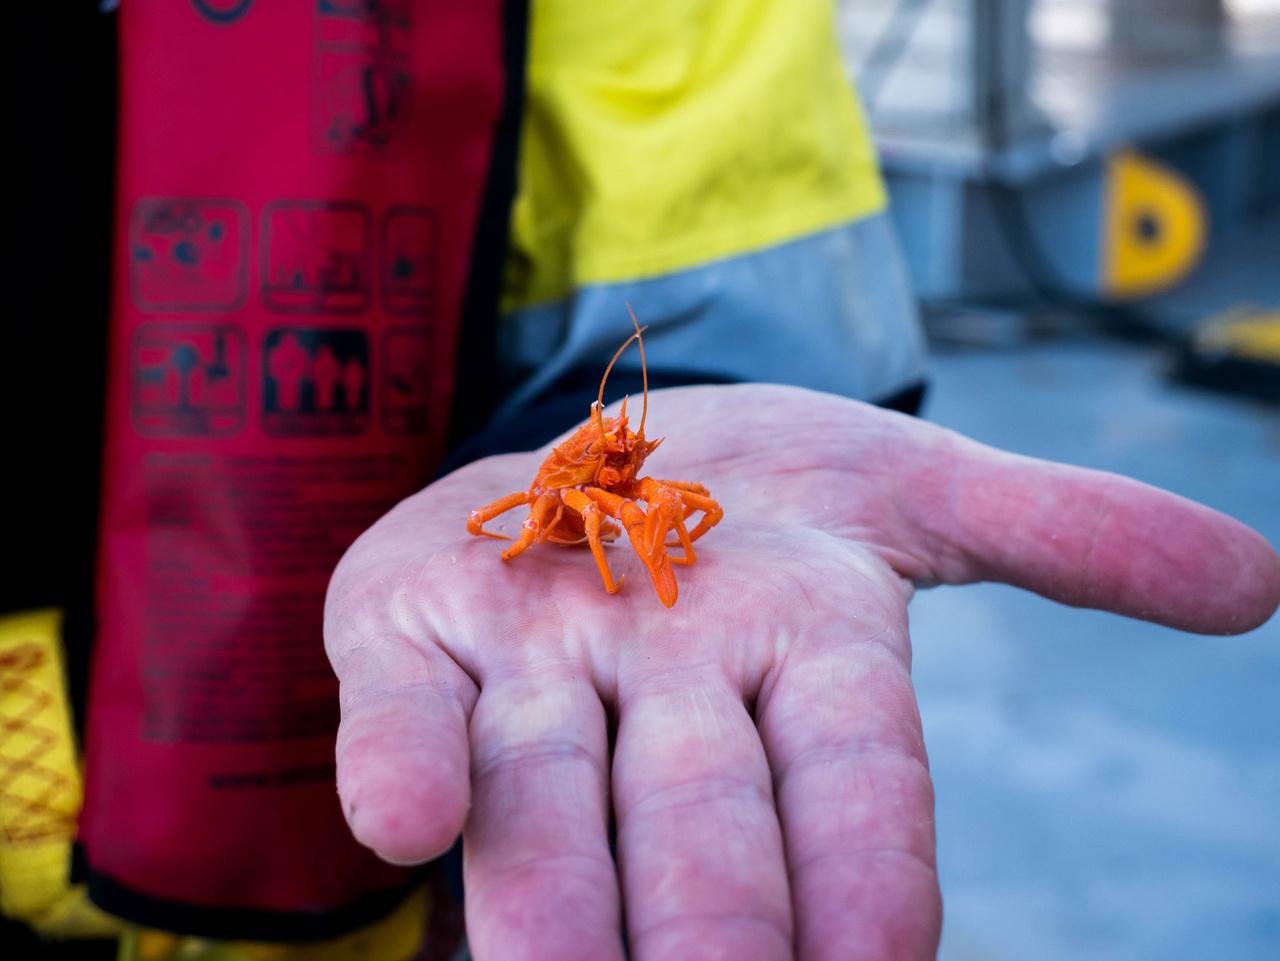 Ezek az apró rákok a mélytengeri világ dögevői.